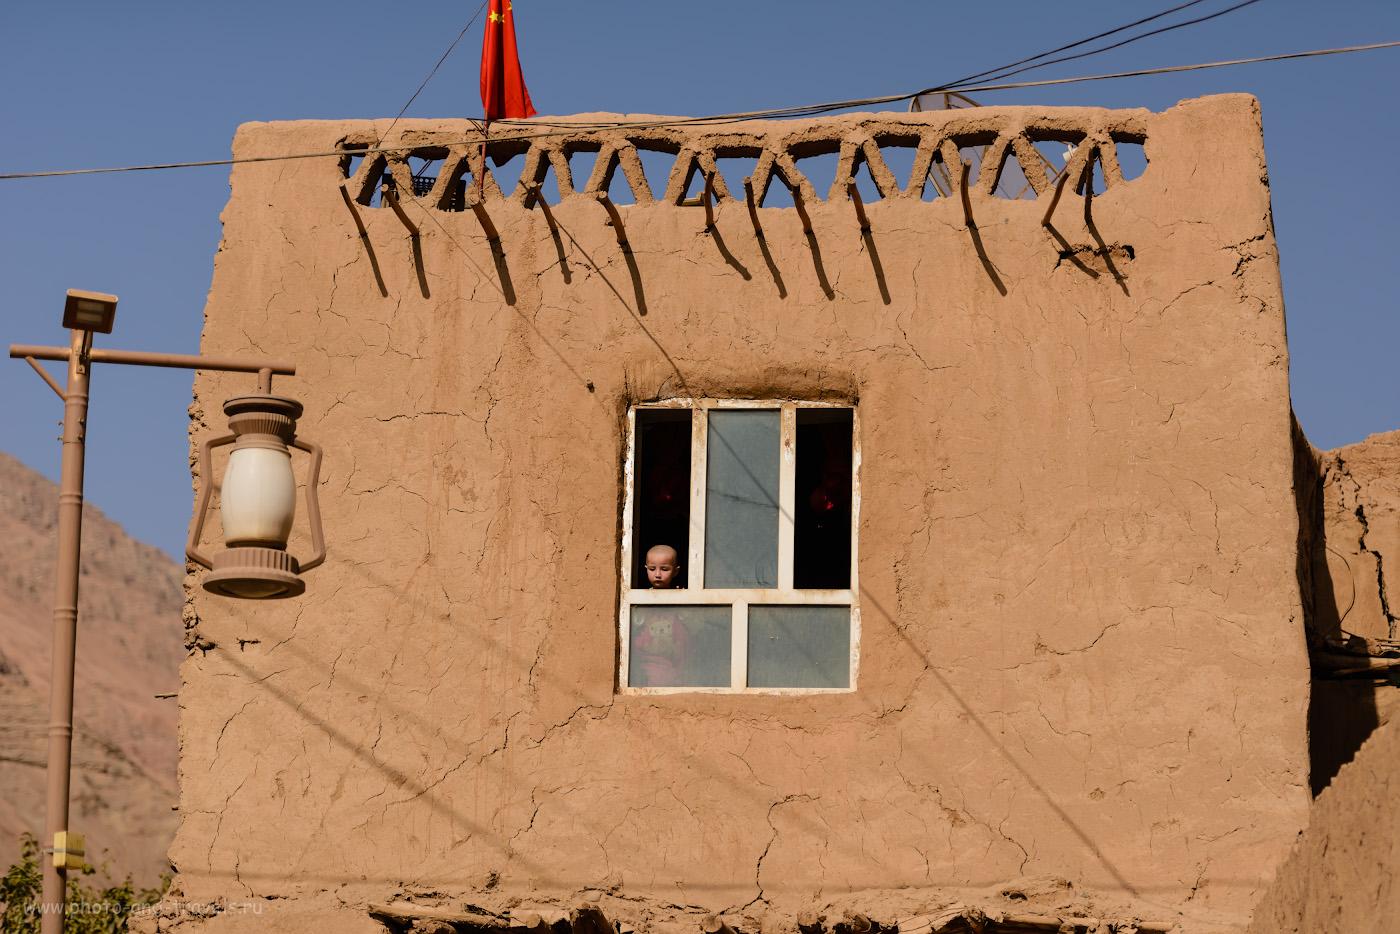 Фото 22. Сценка из жизни в кишлаке Туюк-мазар в Турфане. Поездка в Китай самостоятельно. 1/2000, 2.8, 100, 95.